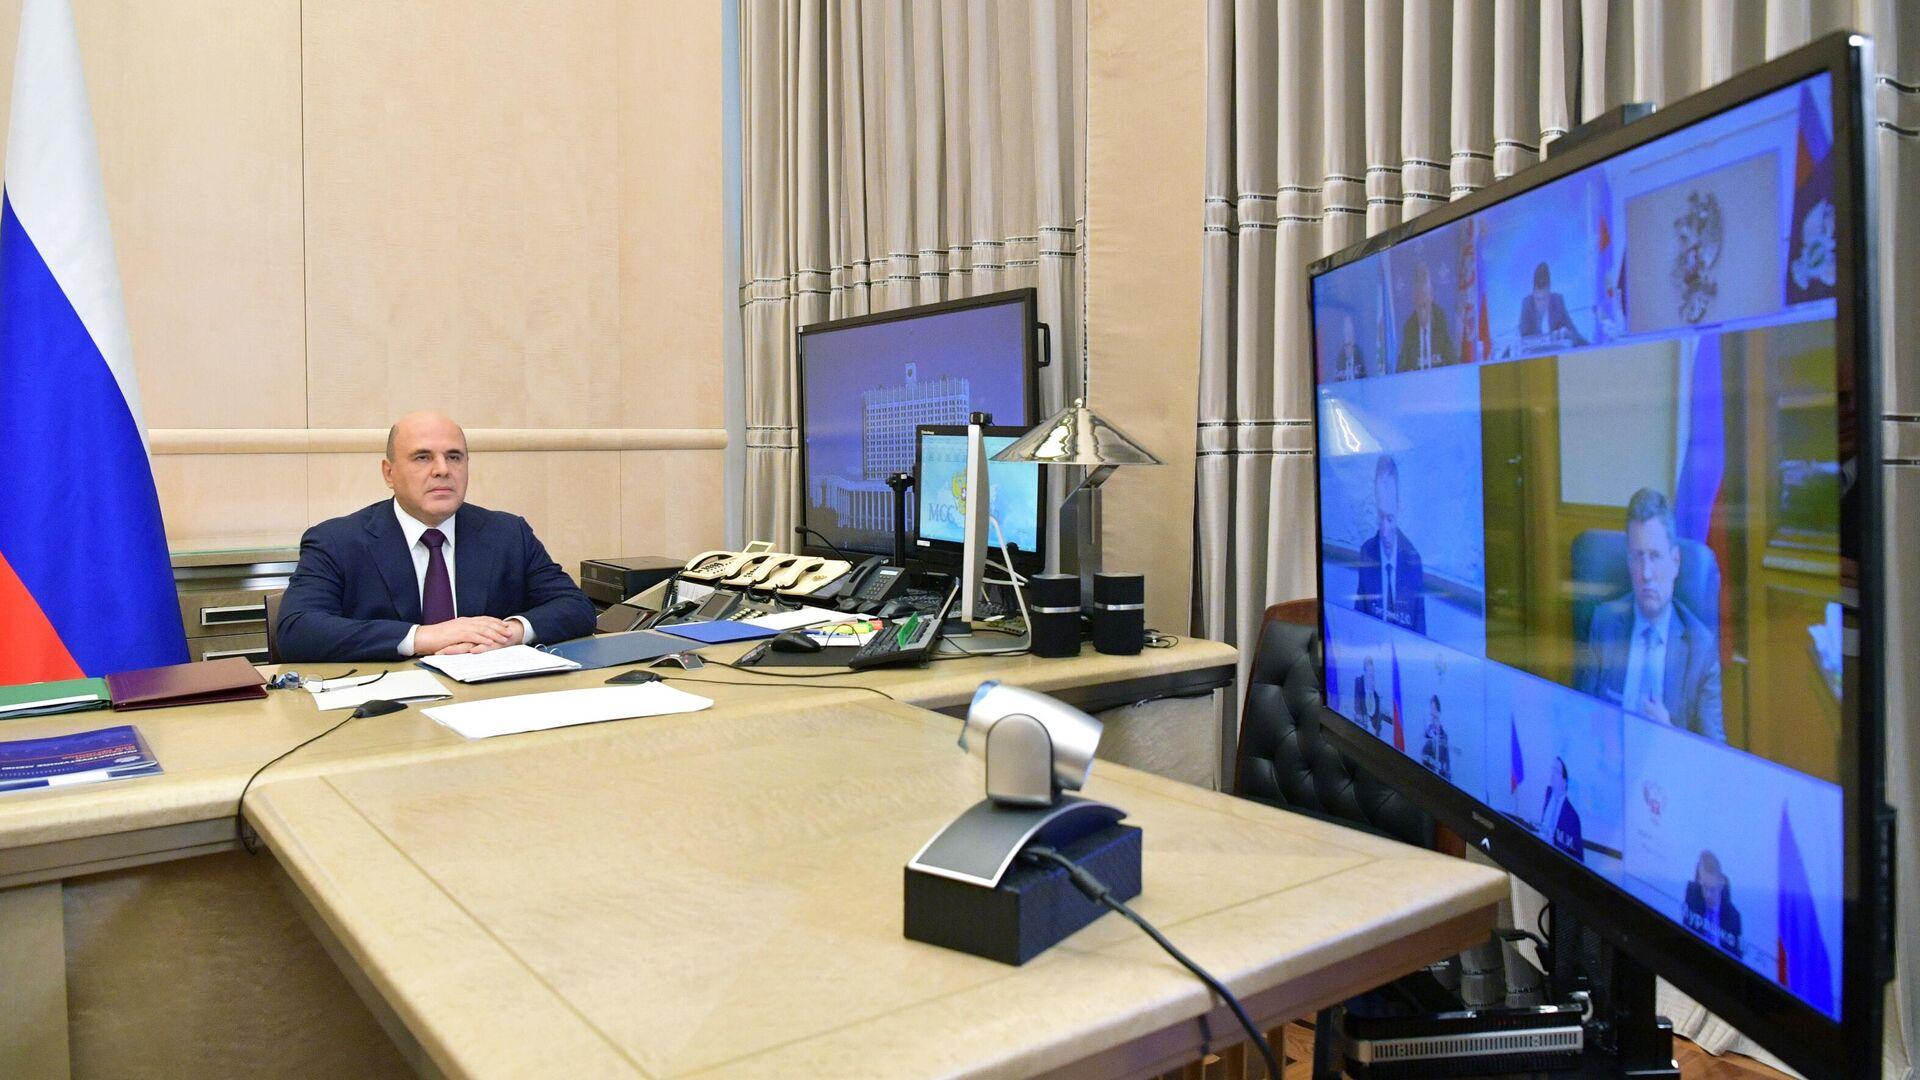 Председатель правительства РФ Михаил Мишустин проводит совещание с членами кабинета министров РФ - РИА Новости, 1920, 24.07.2021